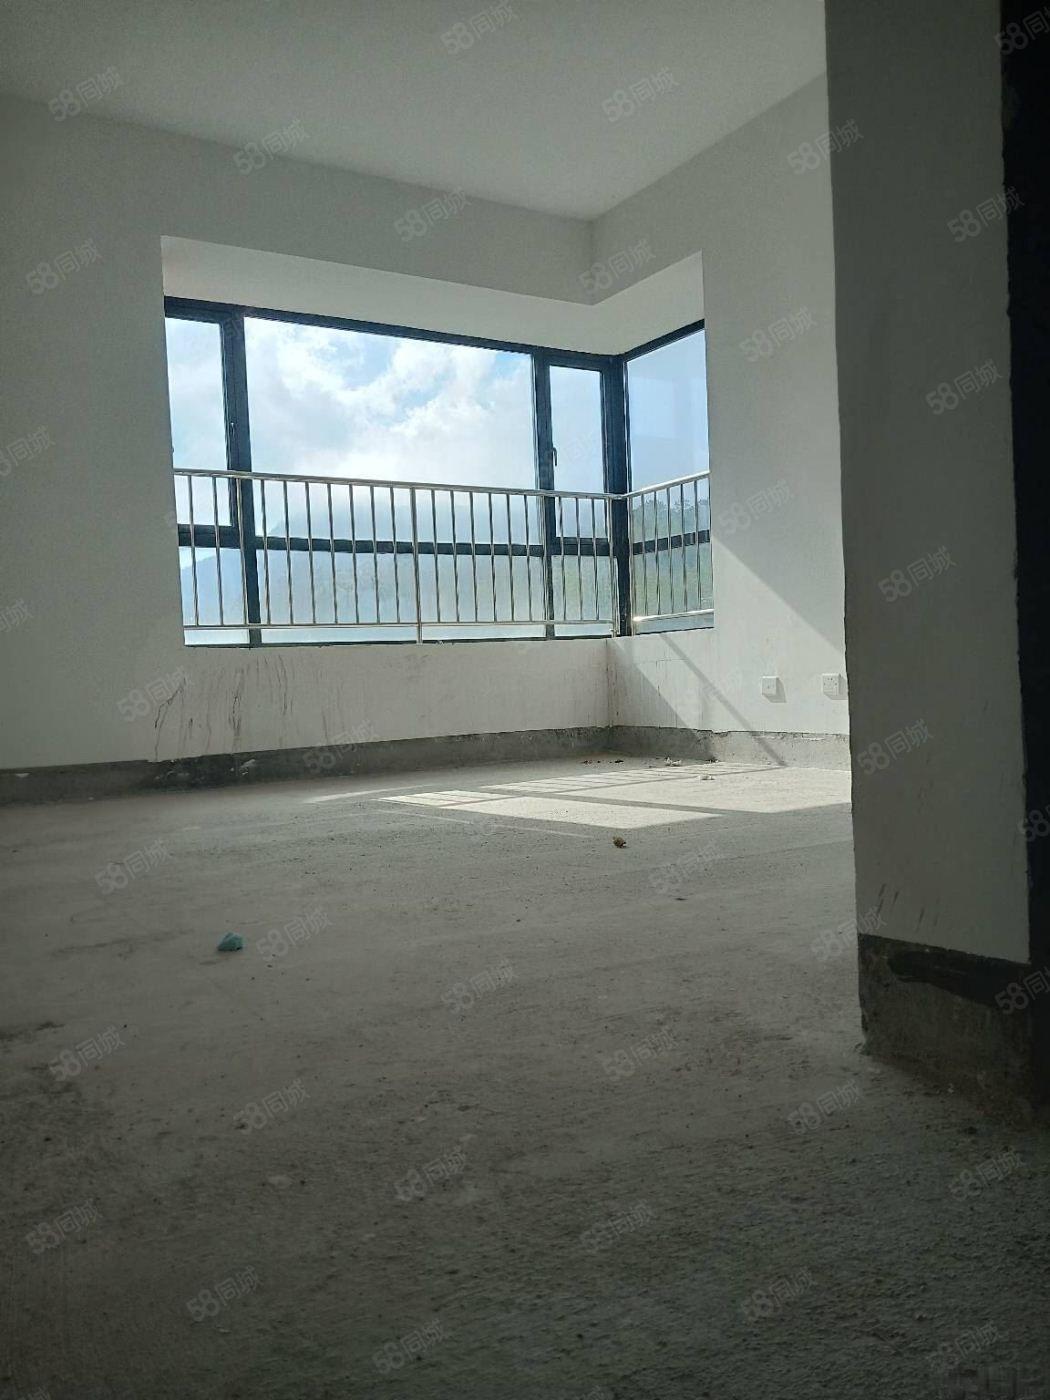 桃园名仕官邸边套毛坯房子出售,阳光无遮挡,利用率高